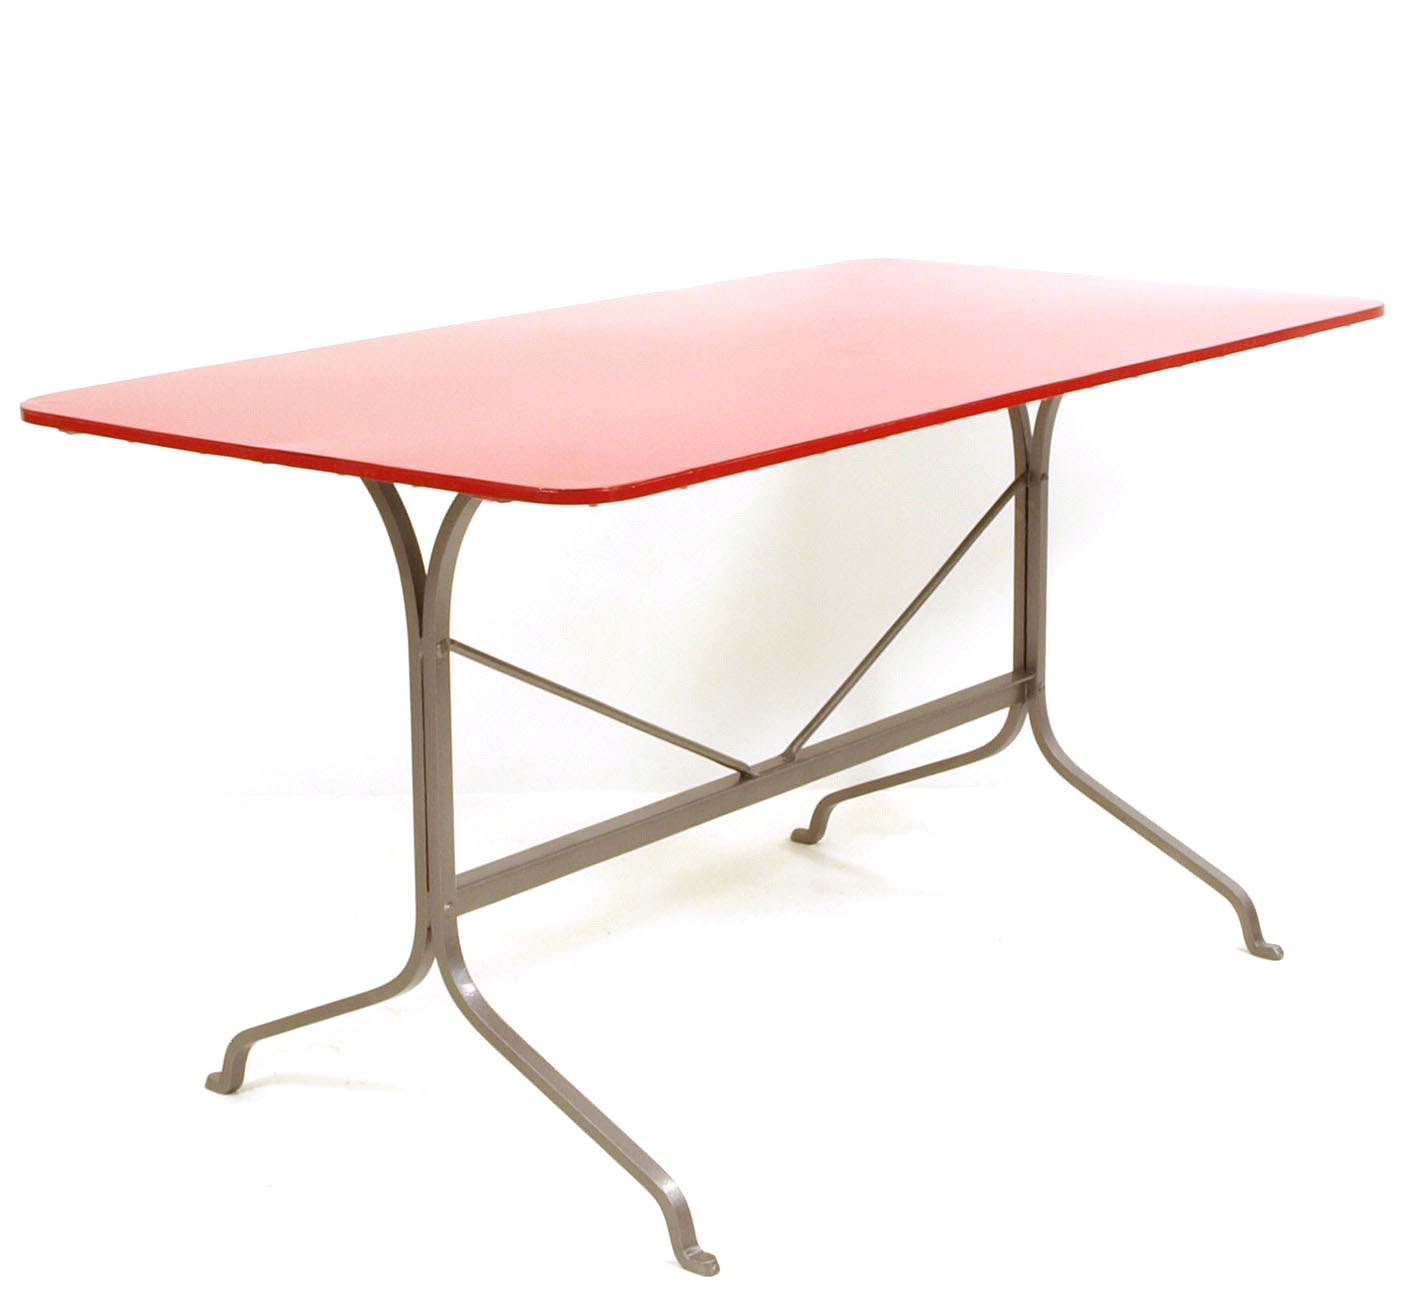 gartentisch 140 cm perfect schaffner gartentisch cm with gartentisch 140 cm excellent mehr. Black Bedroom Furniture Sets. Home Design Ideas